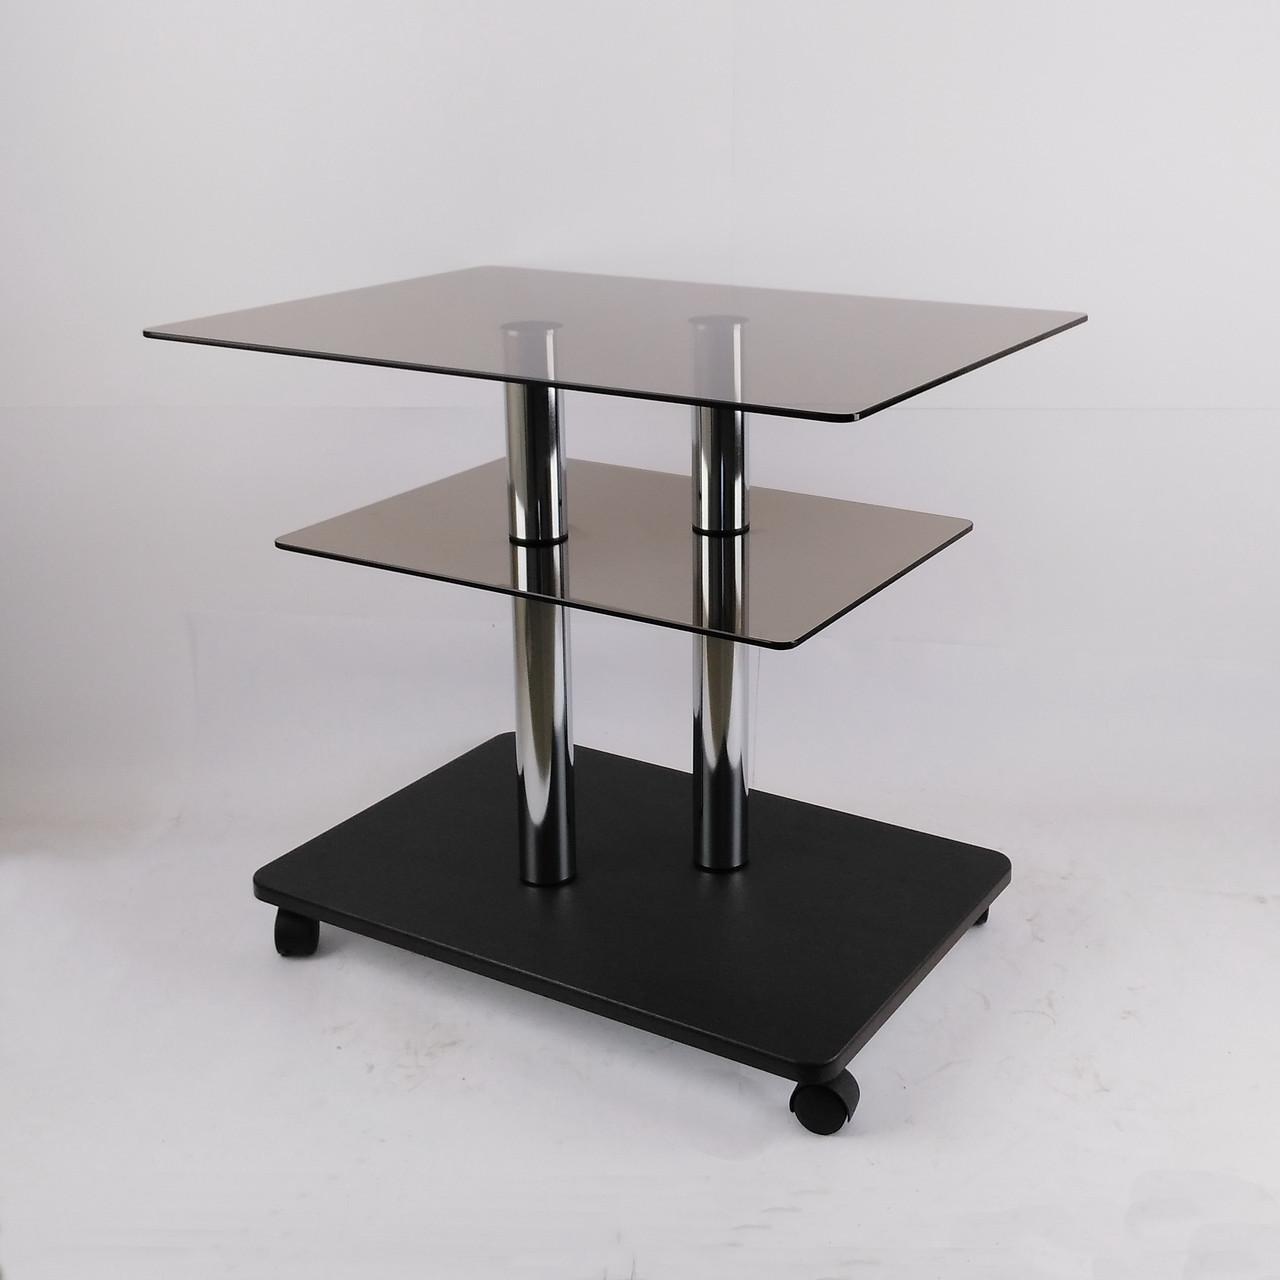 Стіл журнальний скляний прямокутний Commus Bravo Light P6 bronza-venge-2chr50